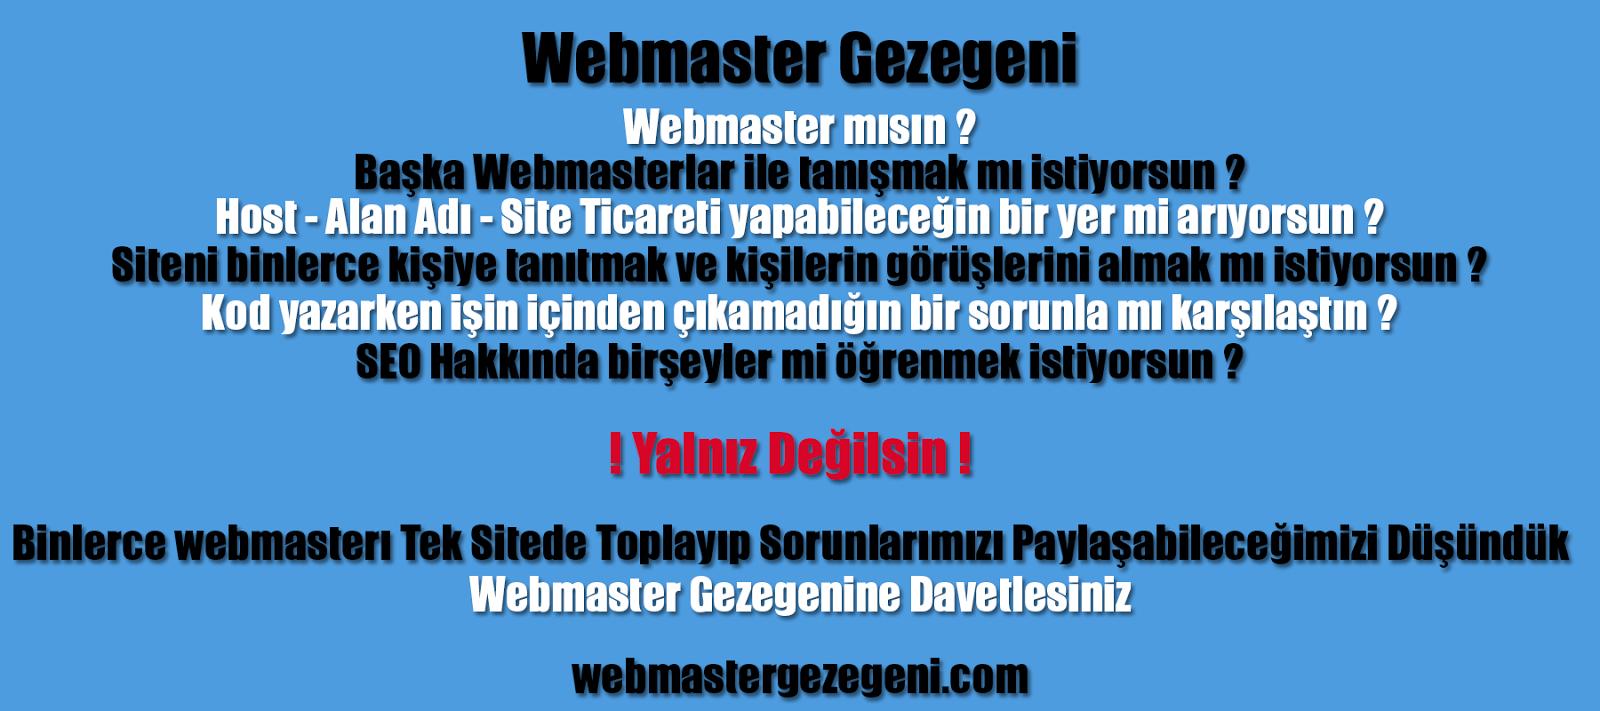 Webmaster Gezegeni